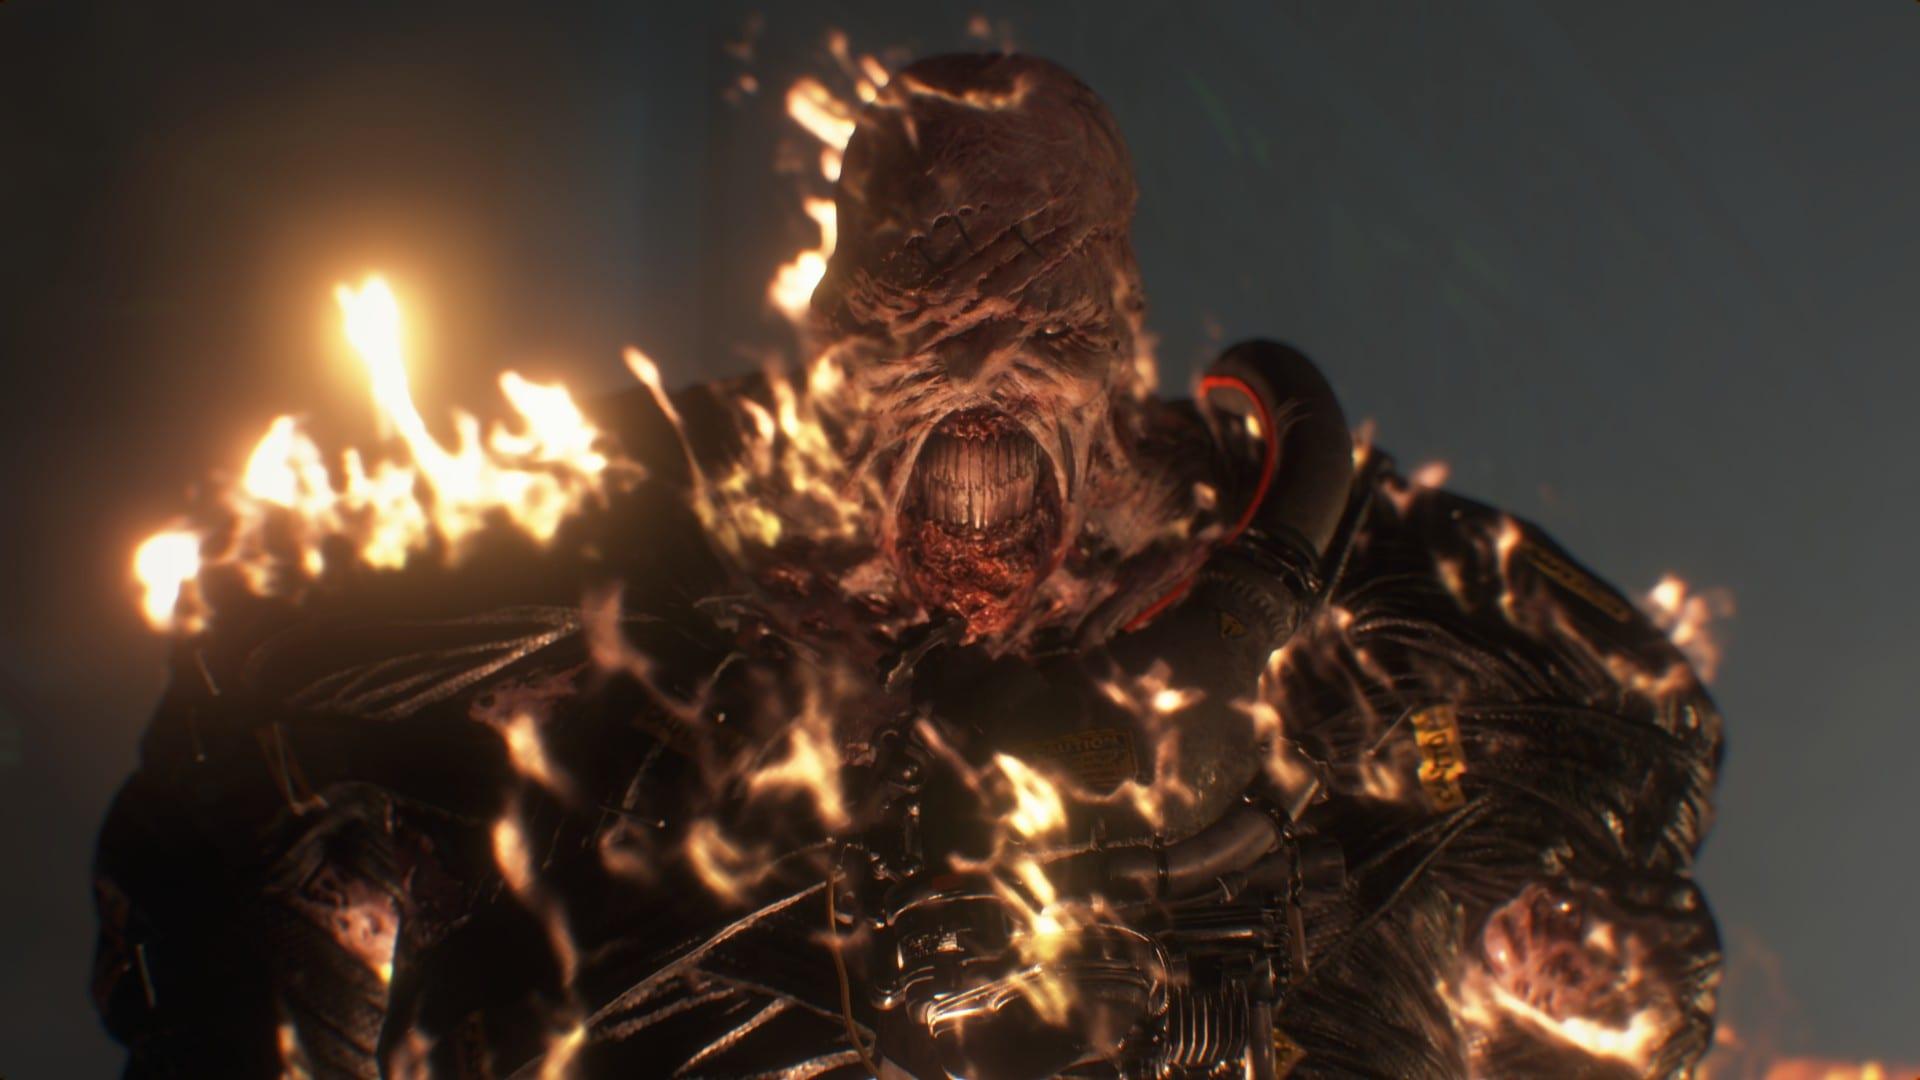 Resident Evil 3 Remake Demo, Resistance Beta Get Release Dates